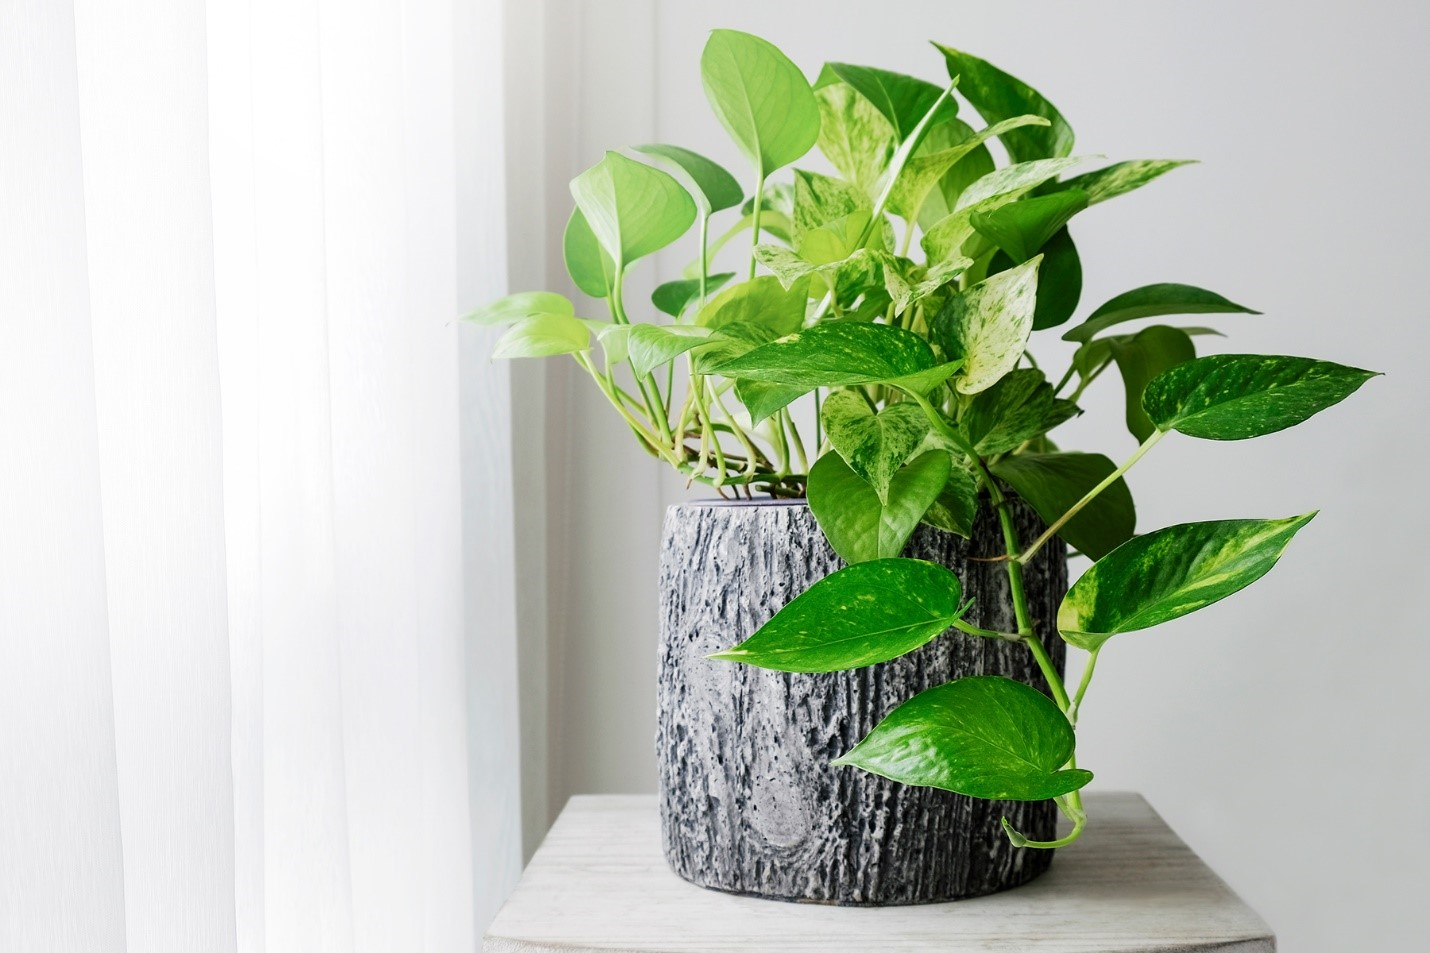 نکات قبل و بعد از خریدن گل و گیاه آپارتمانی